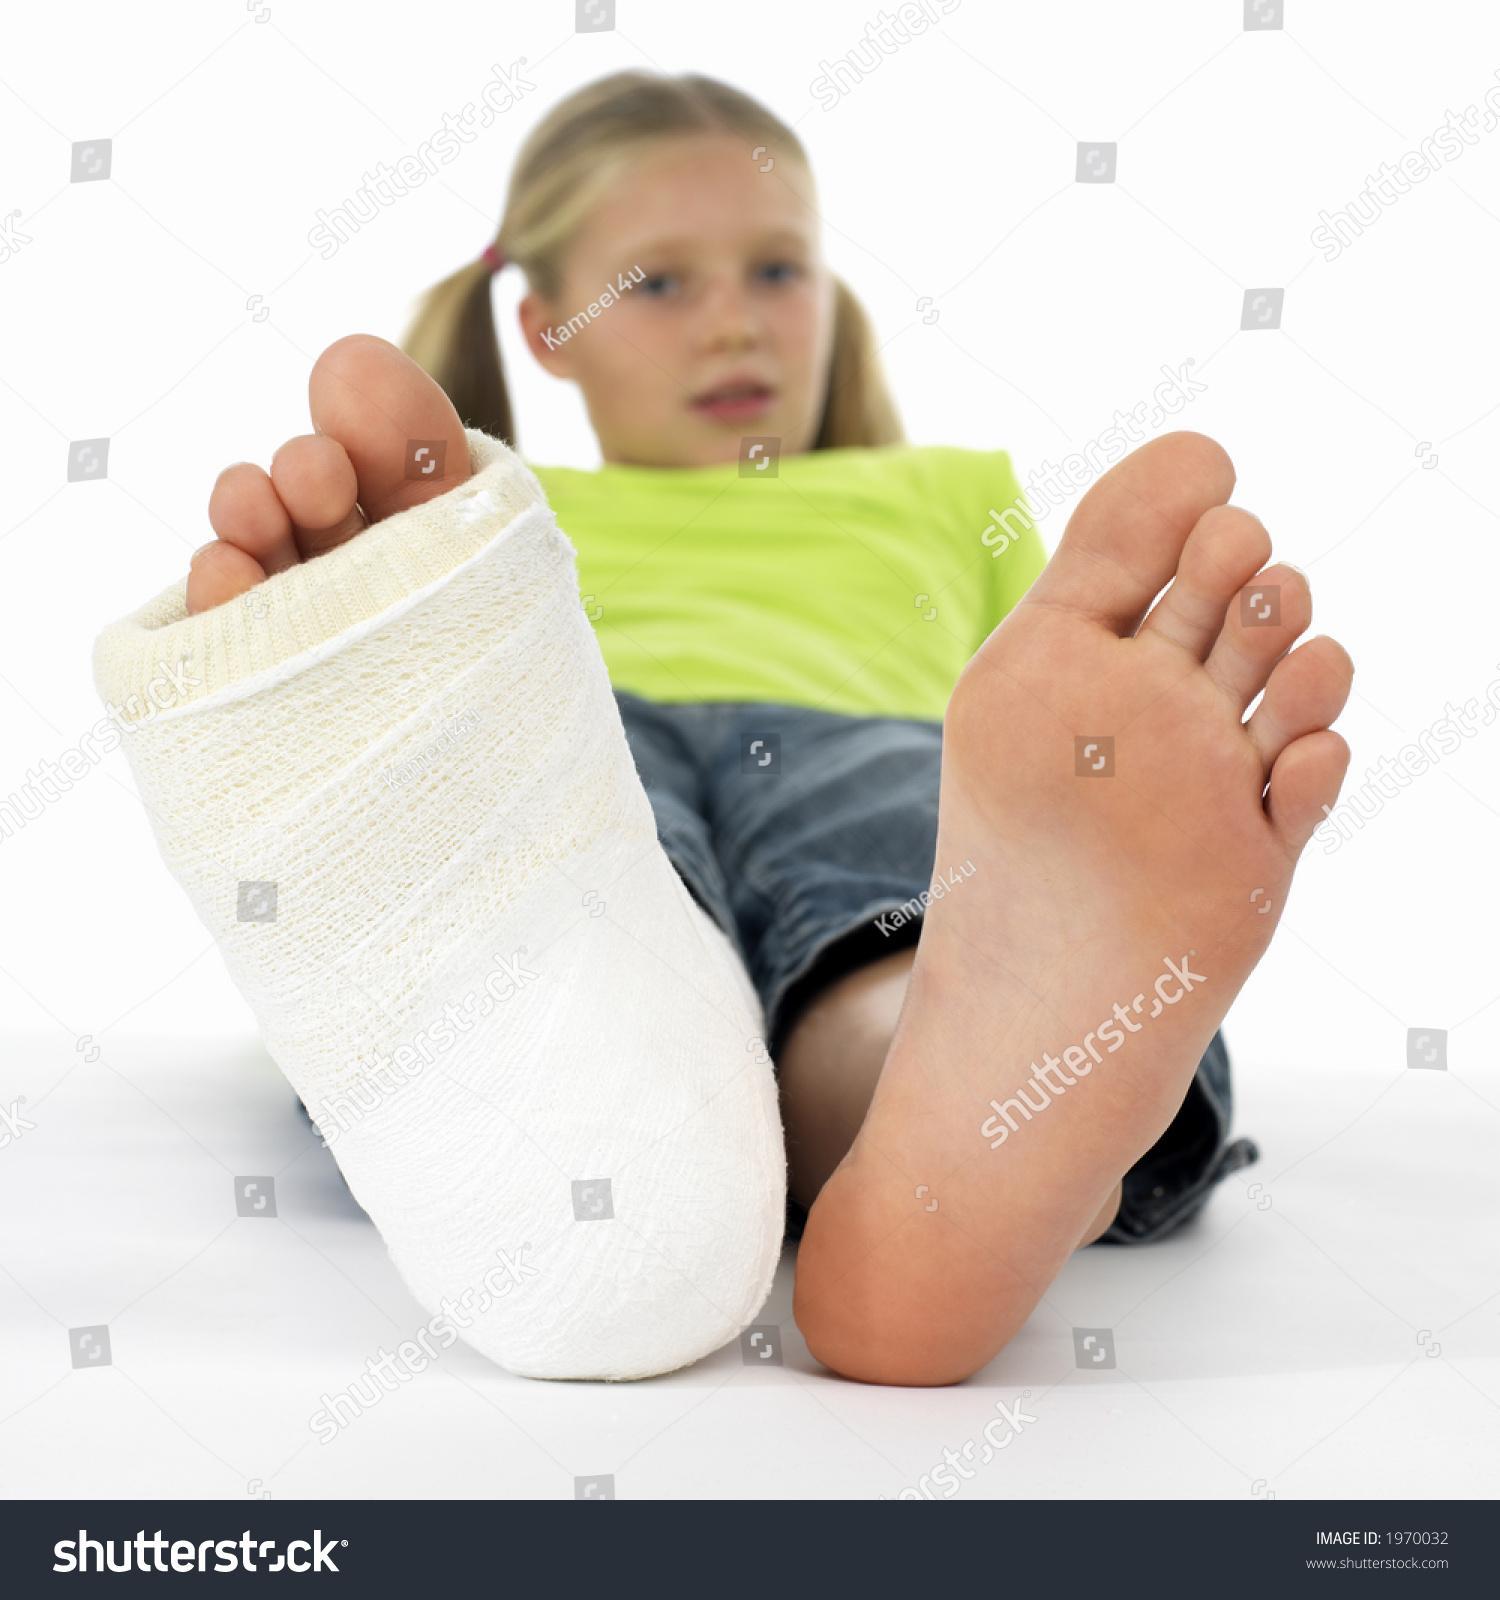 footjob girl